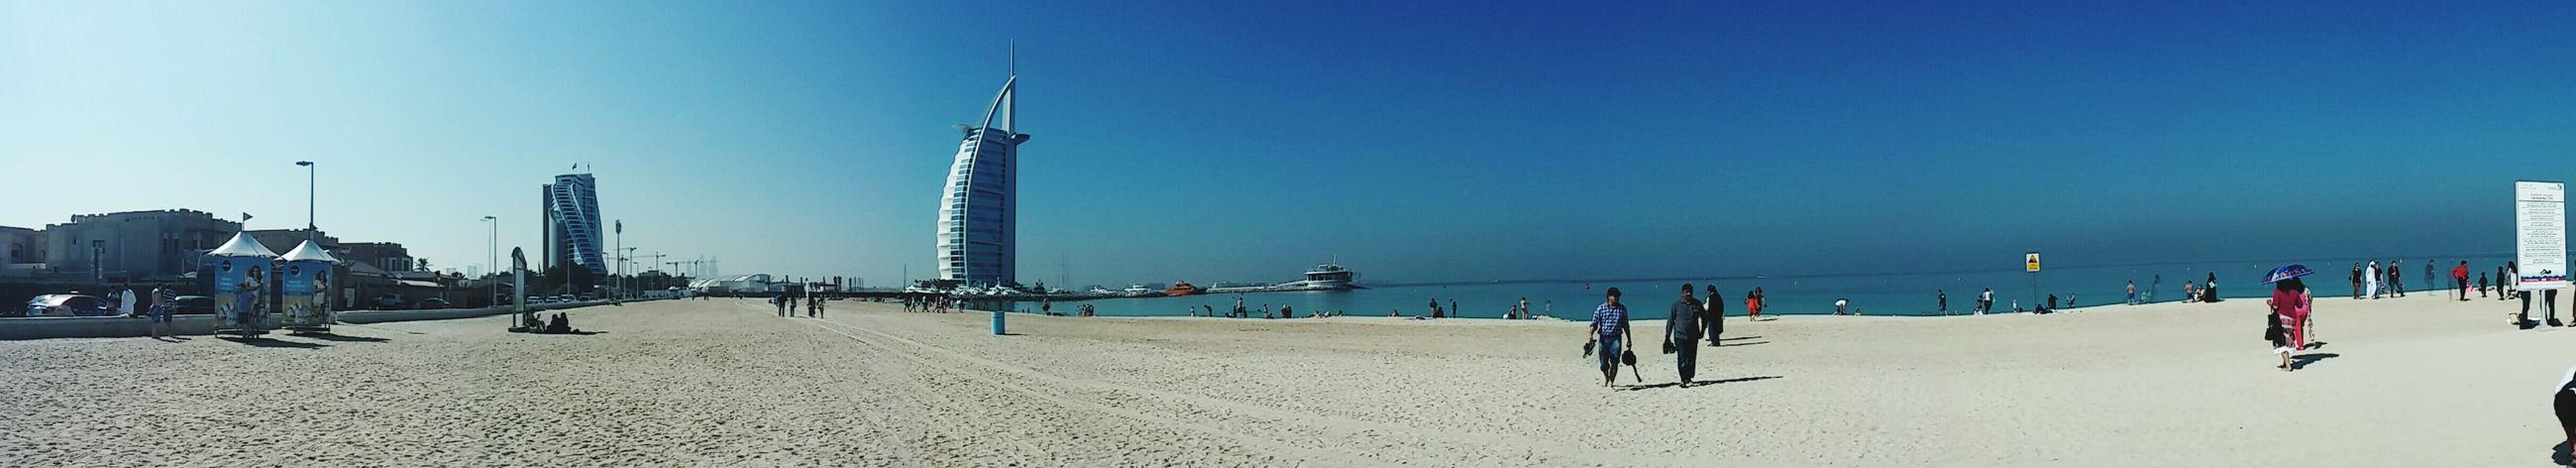 Dubaï travel Burj al Arabe Dubaibeach ???